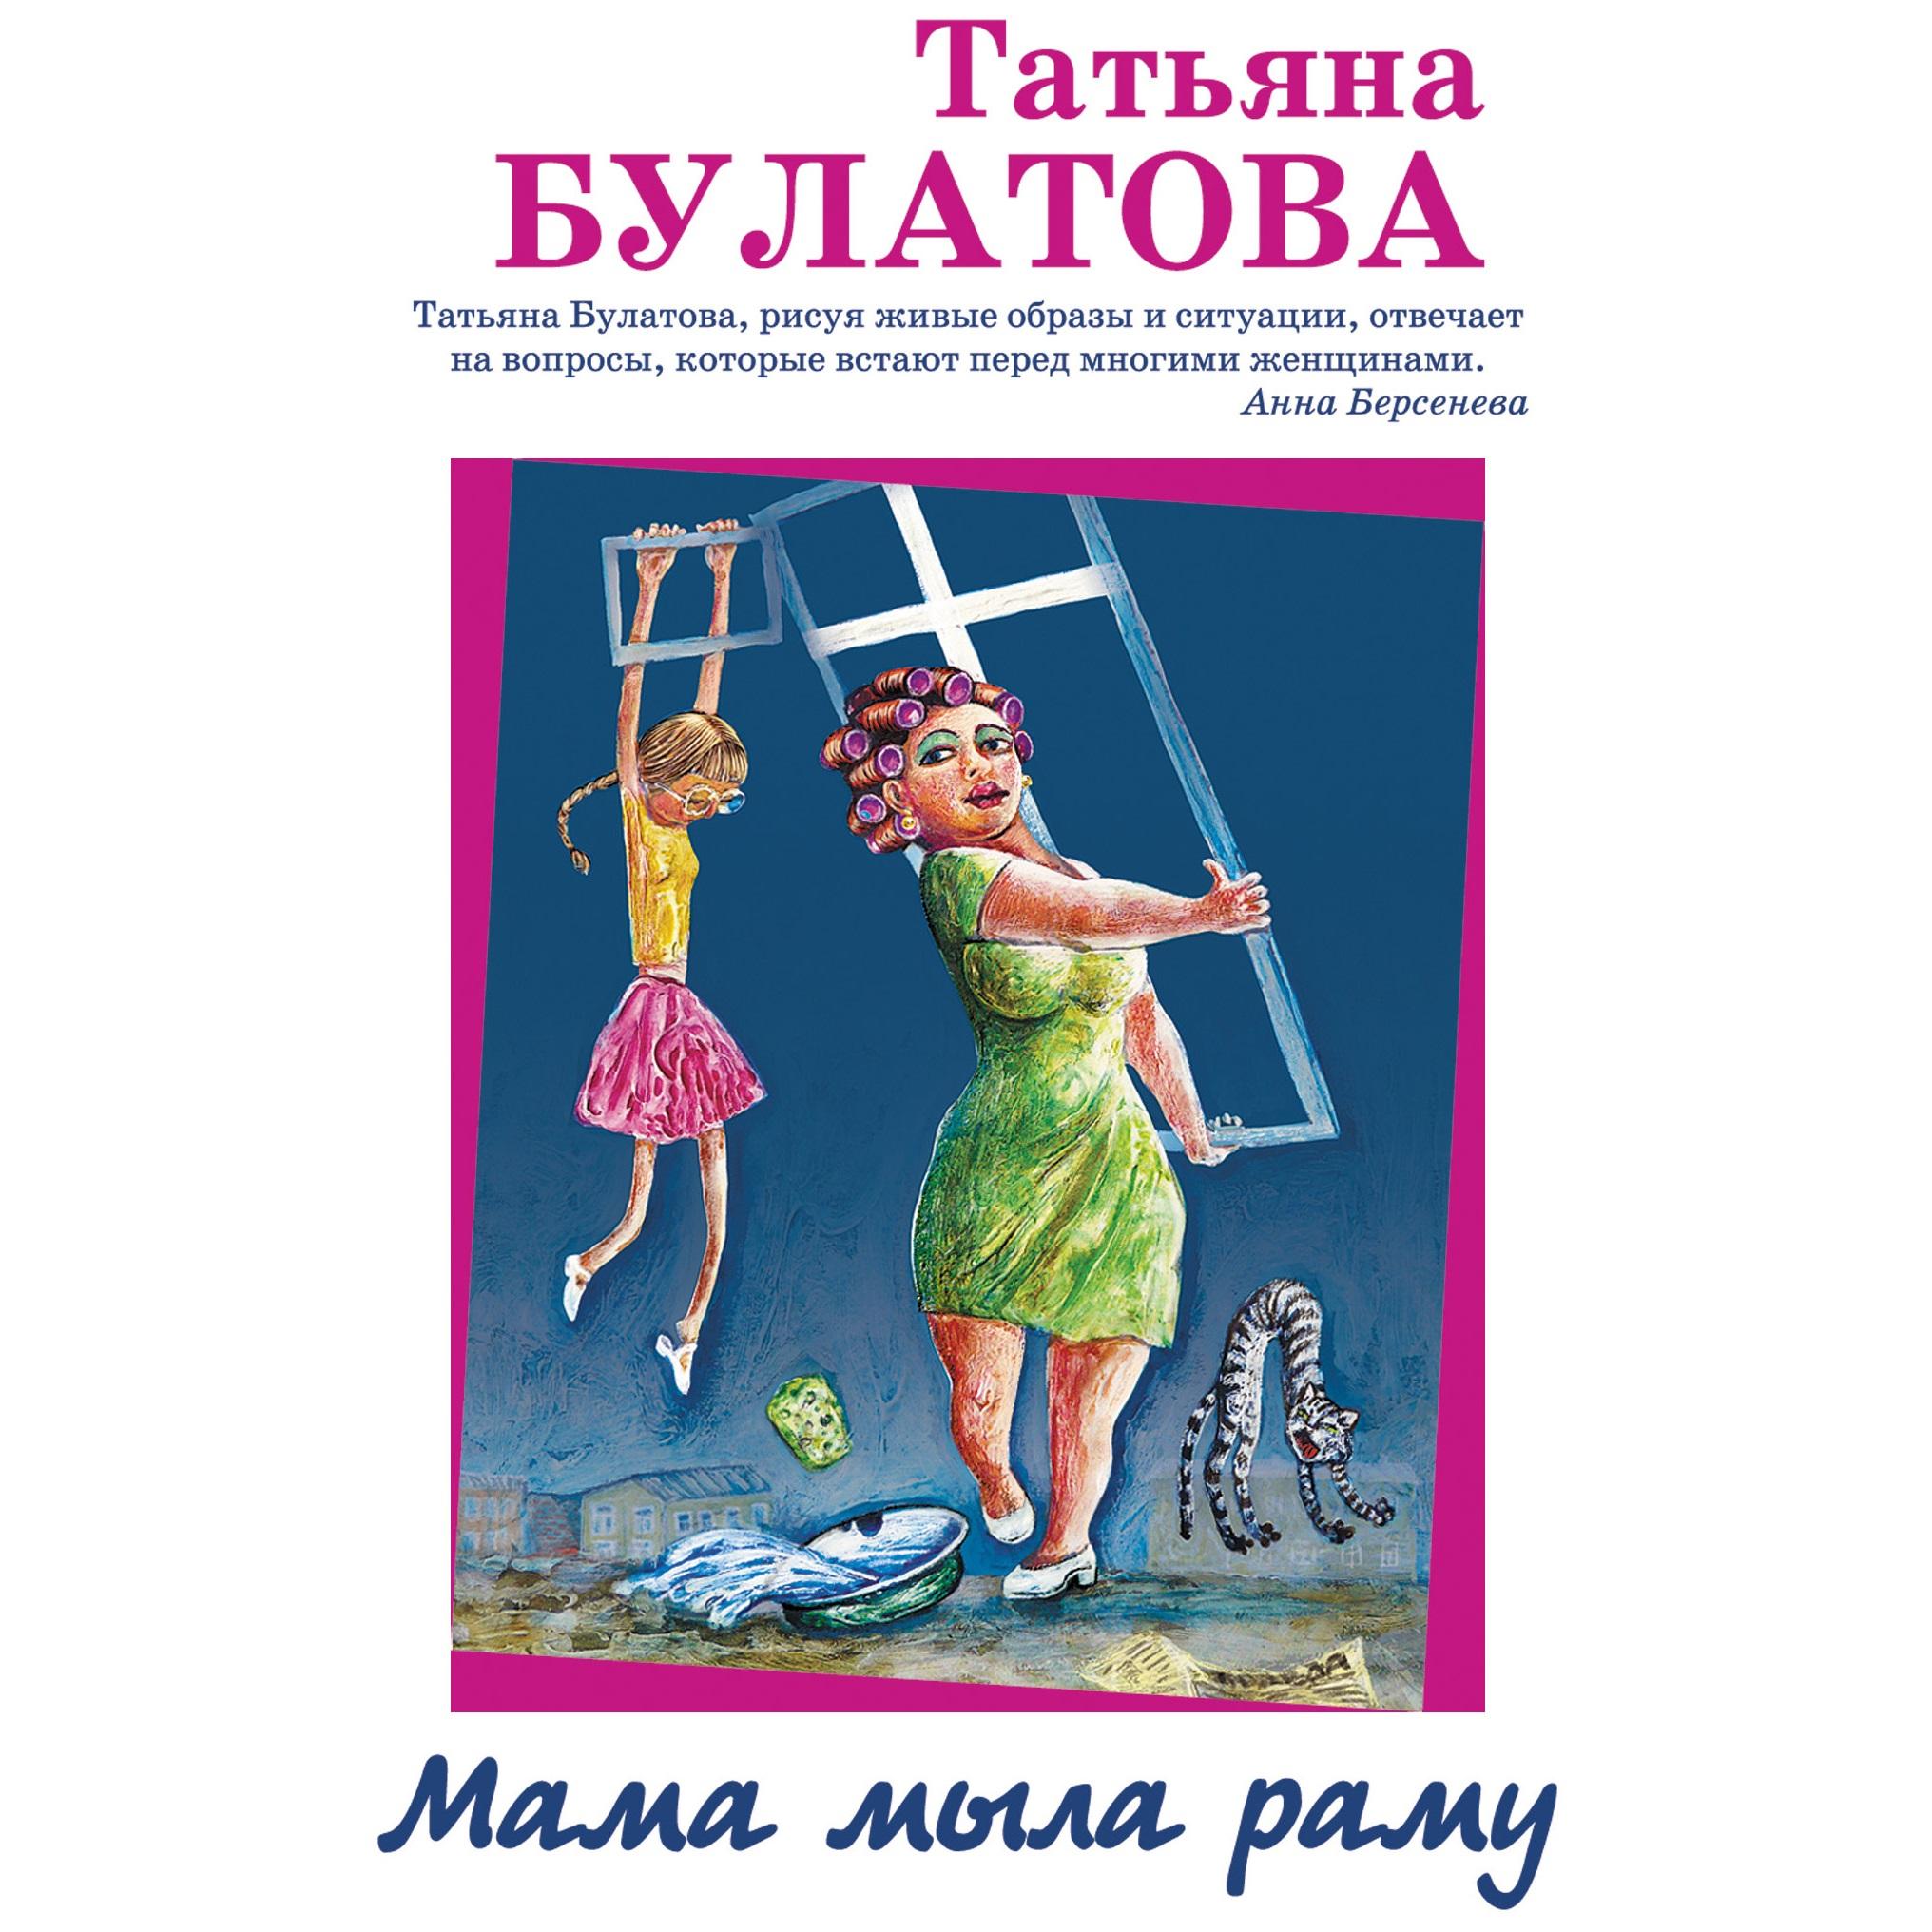 Татьяна Булатова Мама мыла раму татьяна булатова мама мыла раму